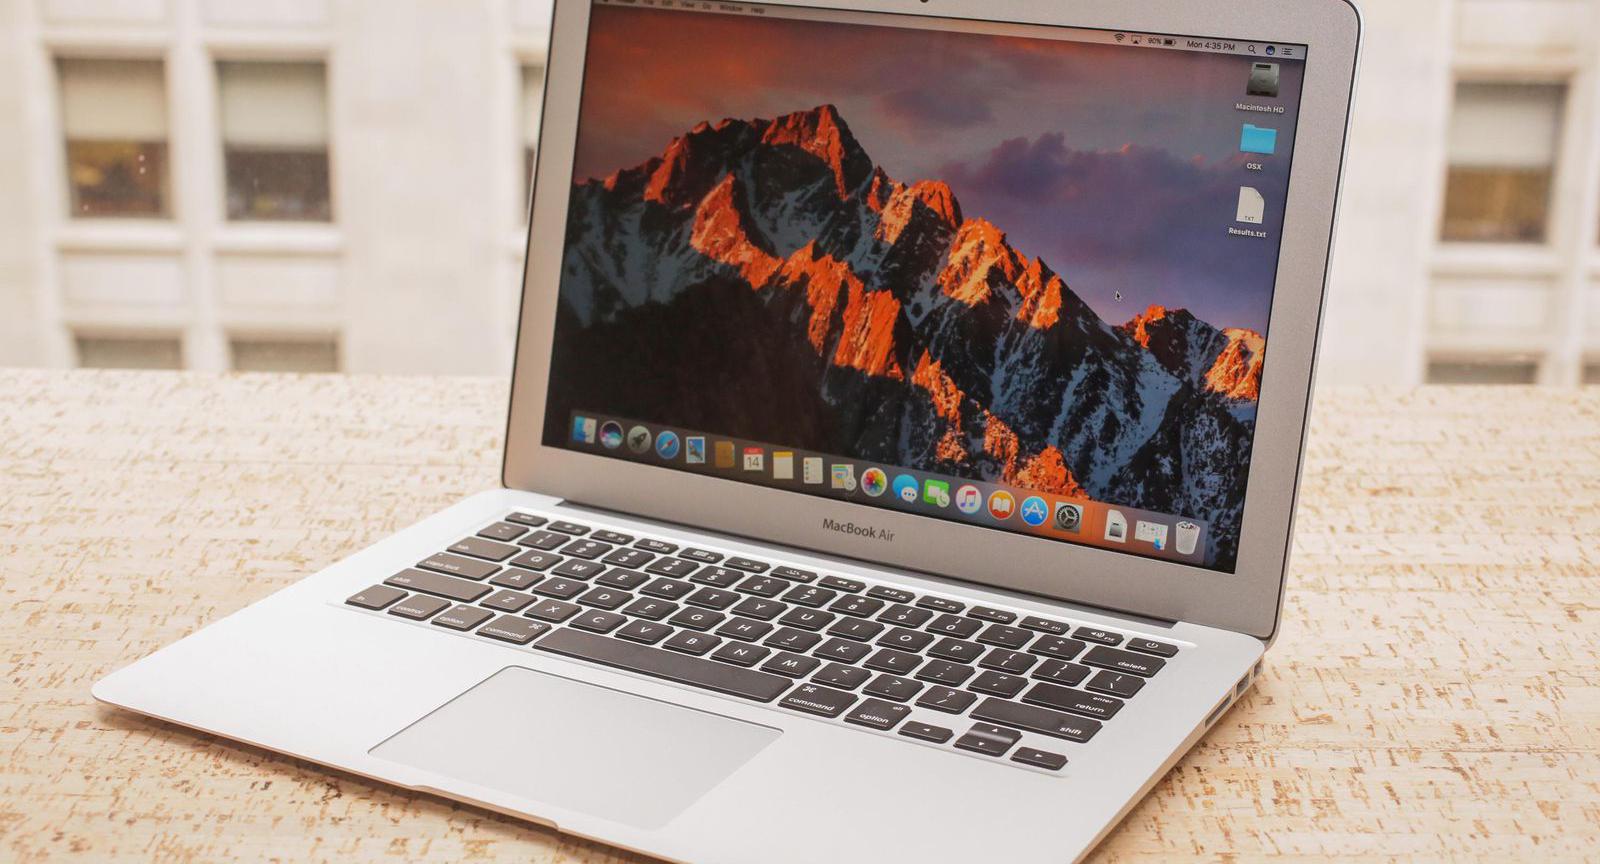 Hal tersebut ditanggapi oleh para penggemar komputer berlogo apel ini. Mereka mengungkapkan kekecewannya lewat media sosial. Sangat menyayangkan hal ini.